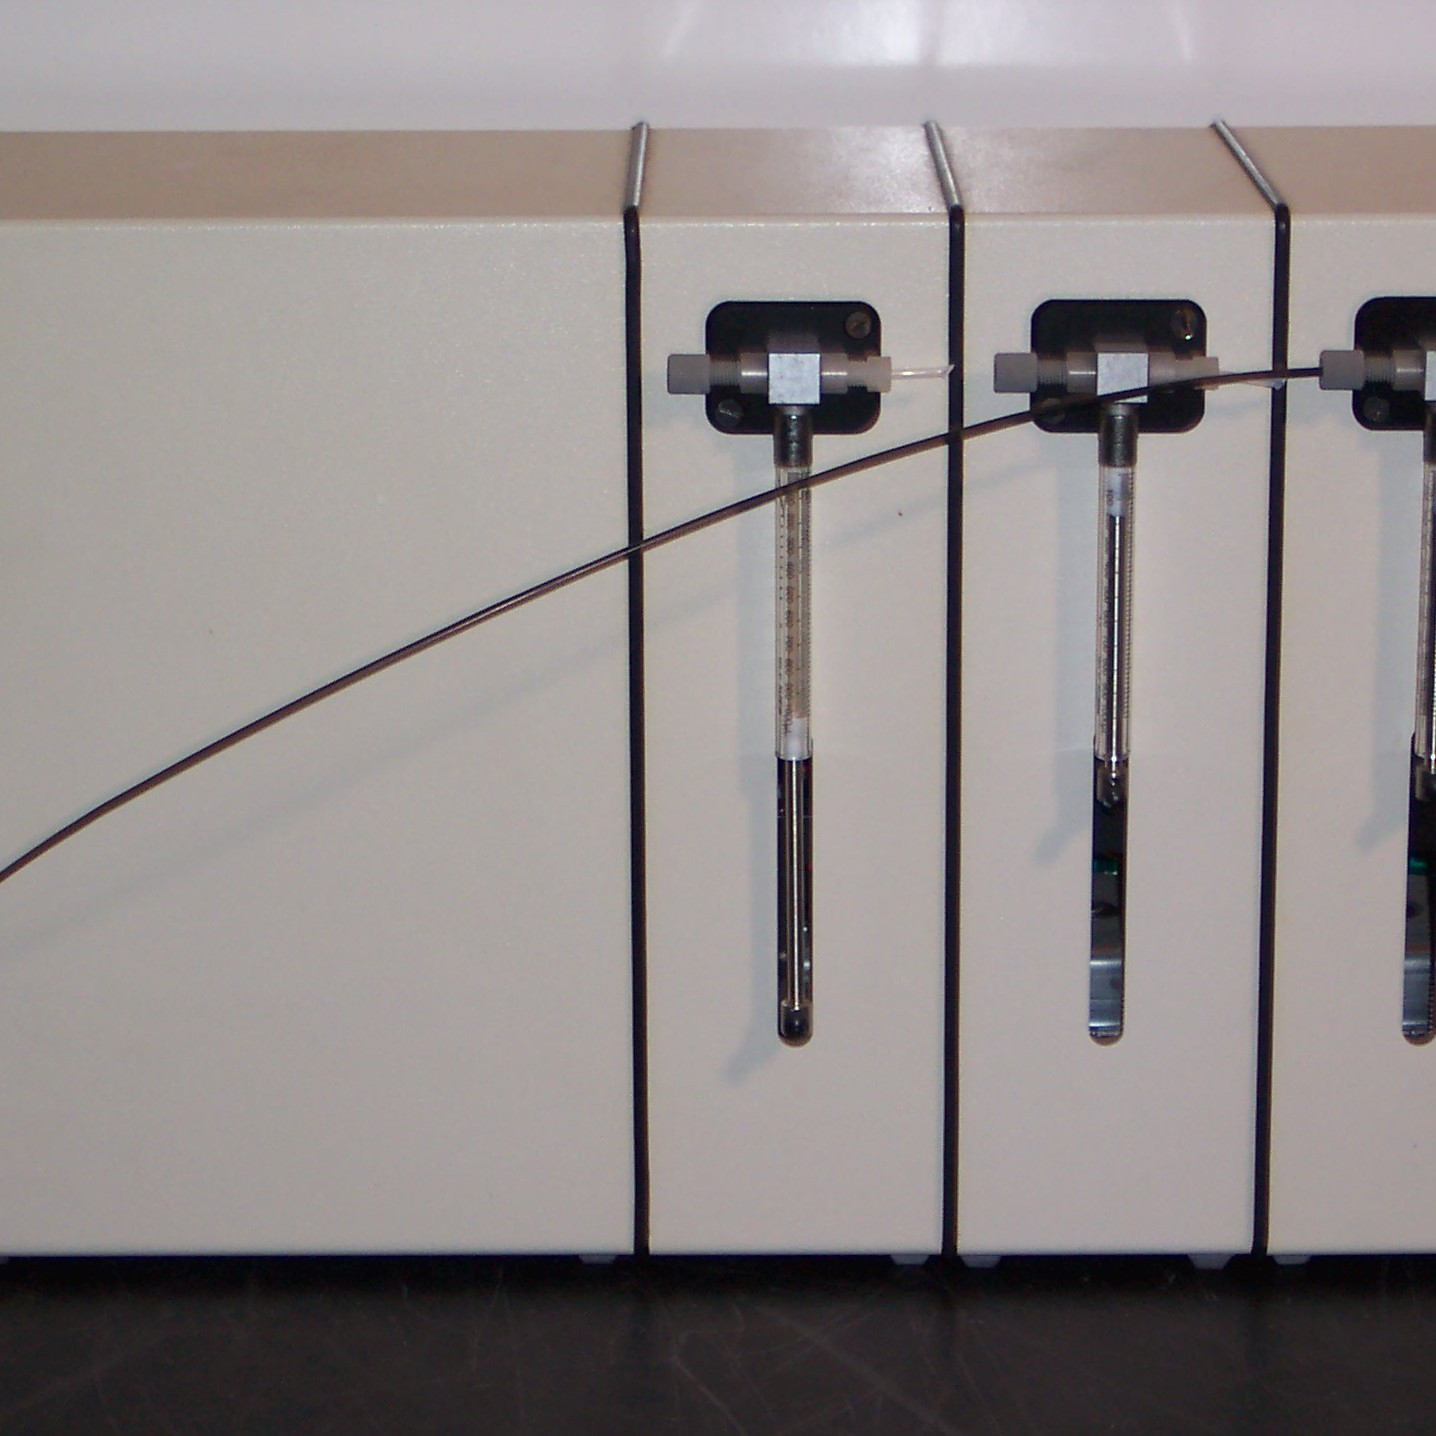 Dynatech 3 Syringe Injector Image